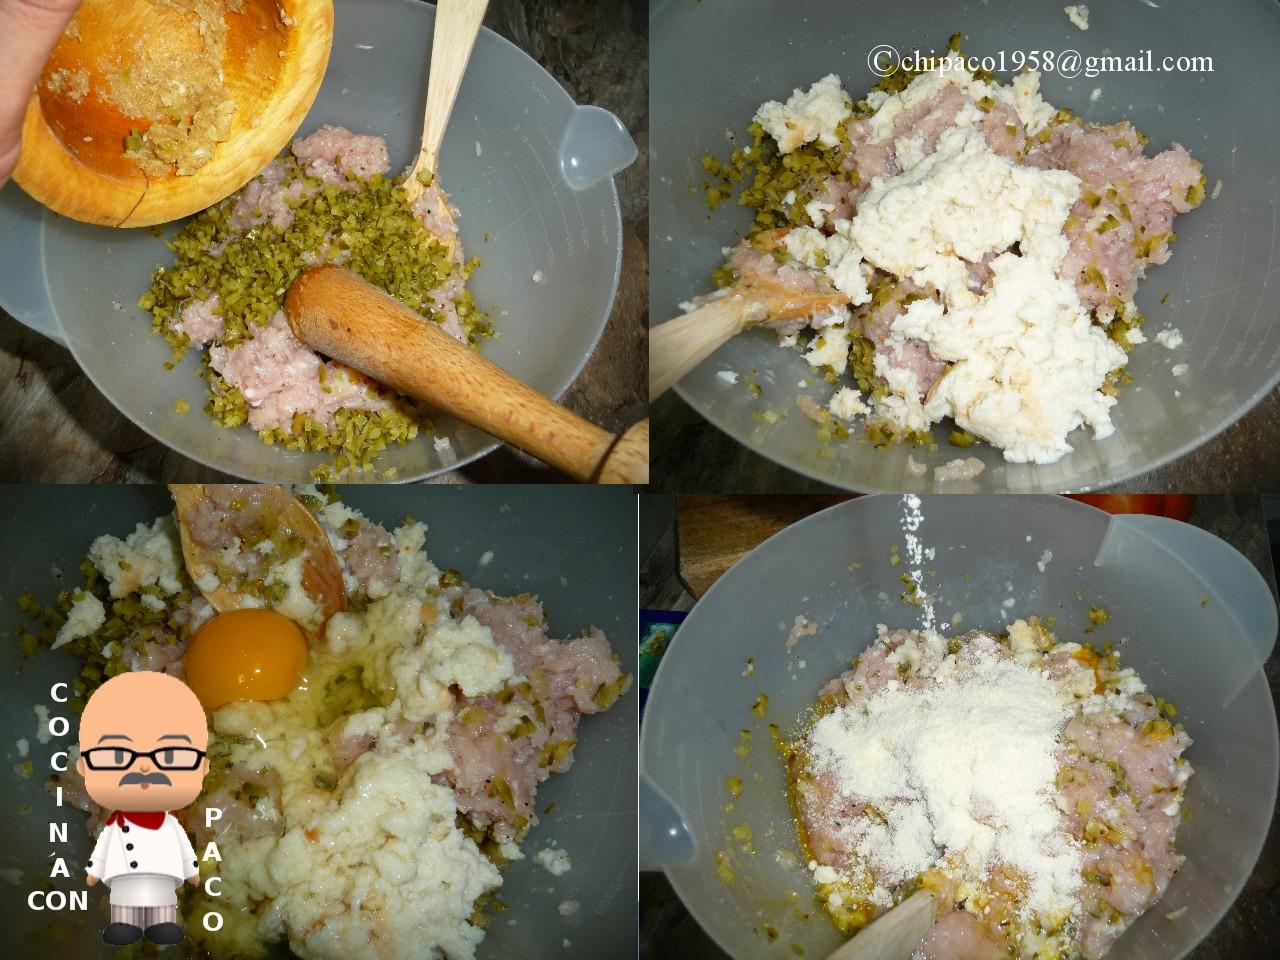 Cocina con paco alb ndigas de pollo - Cocina con paco ...